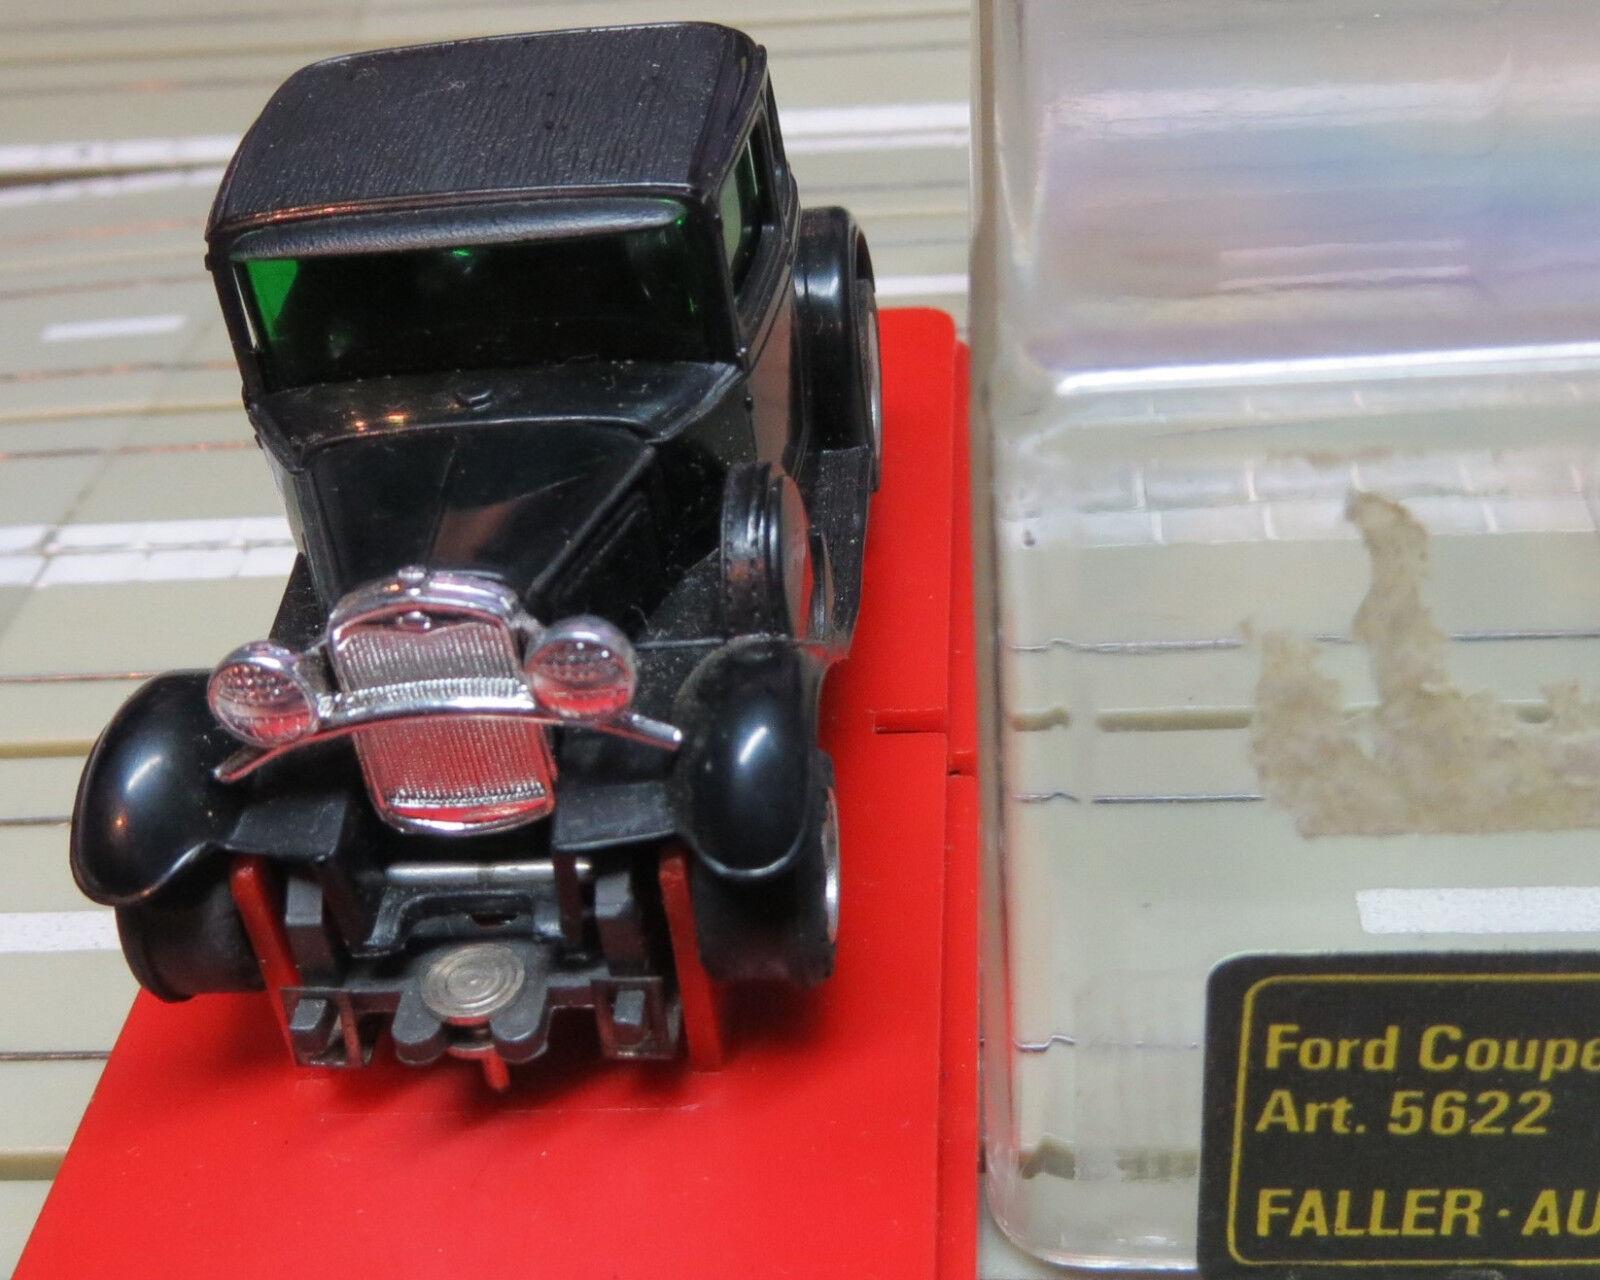 Faller Aurora - Rari Ford 1930 Scatola Originale + 2 Nuovo Lucidatore Und